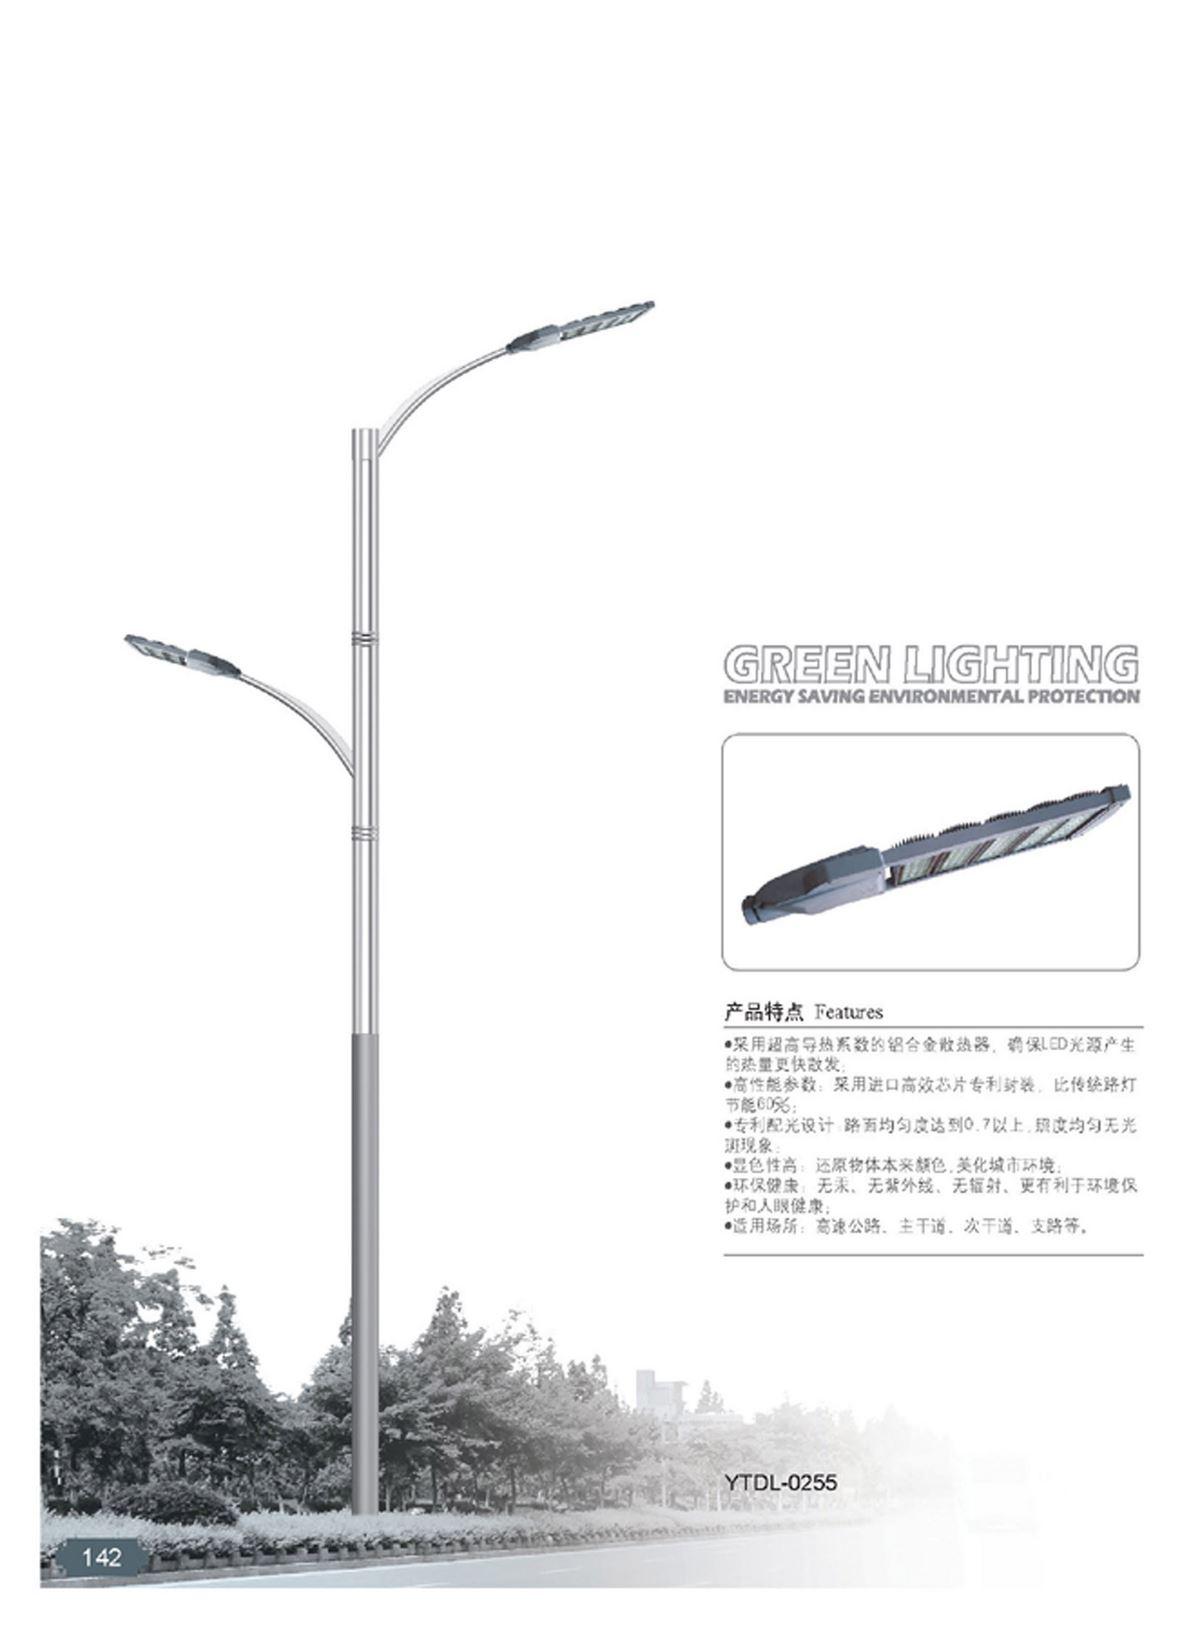 双臂路灯146